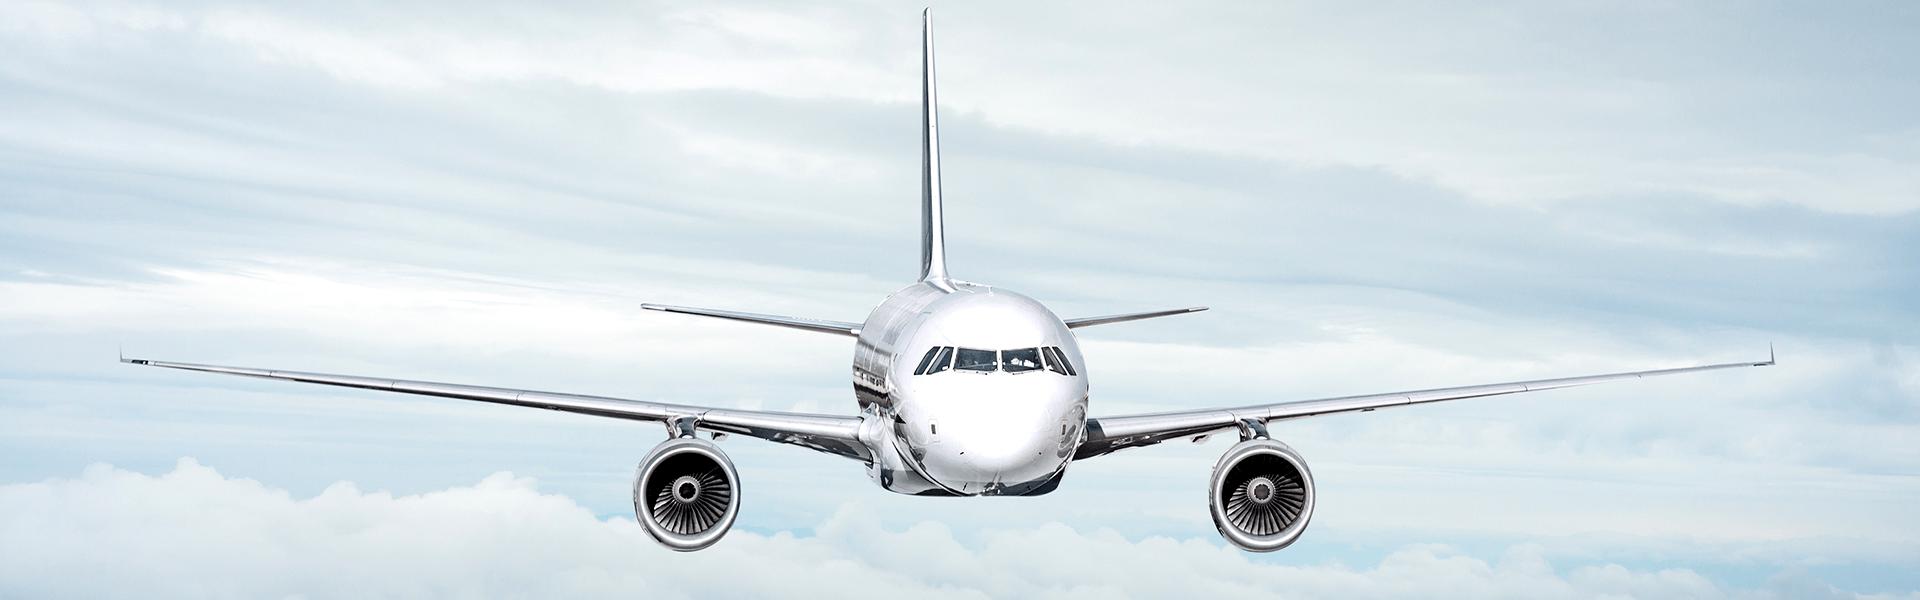 Passenger jet air plane flying on blue sky